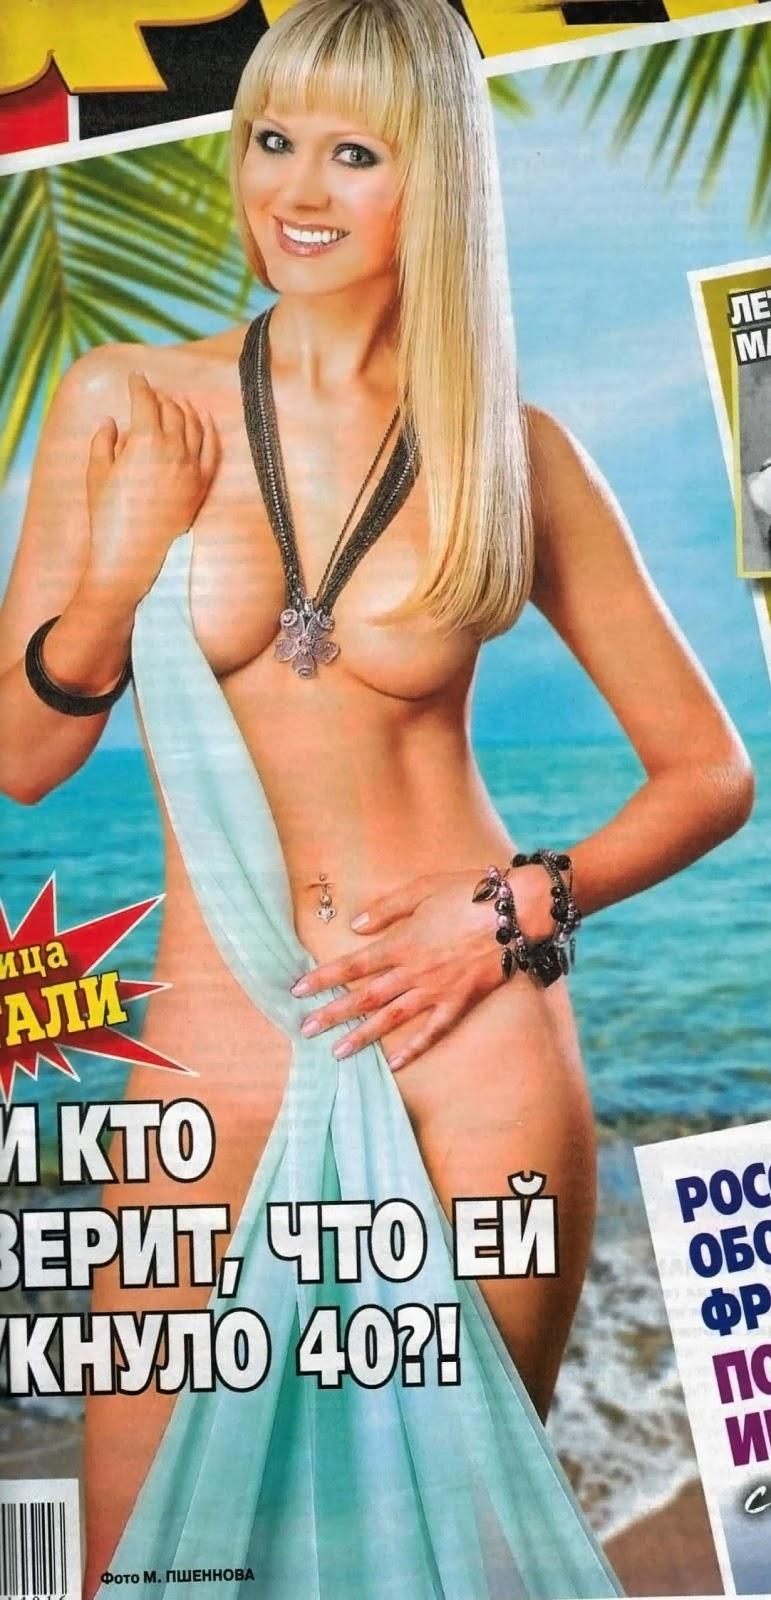 Смотреть бесплатно фото эротическое певица натали 11 фотография